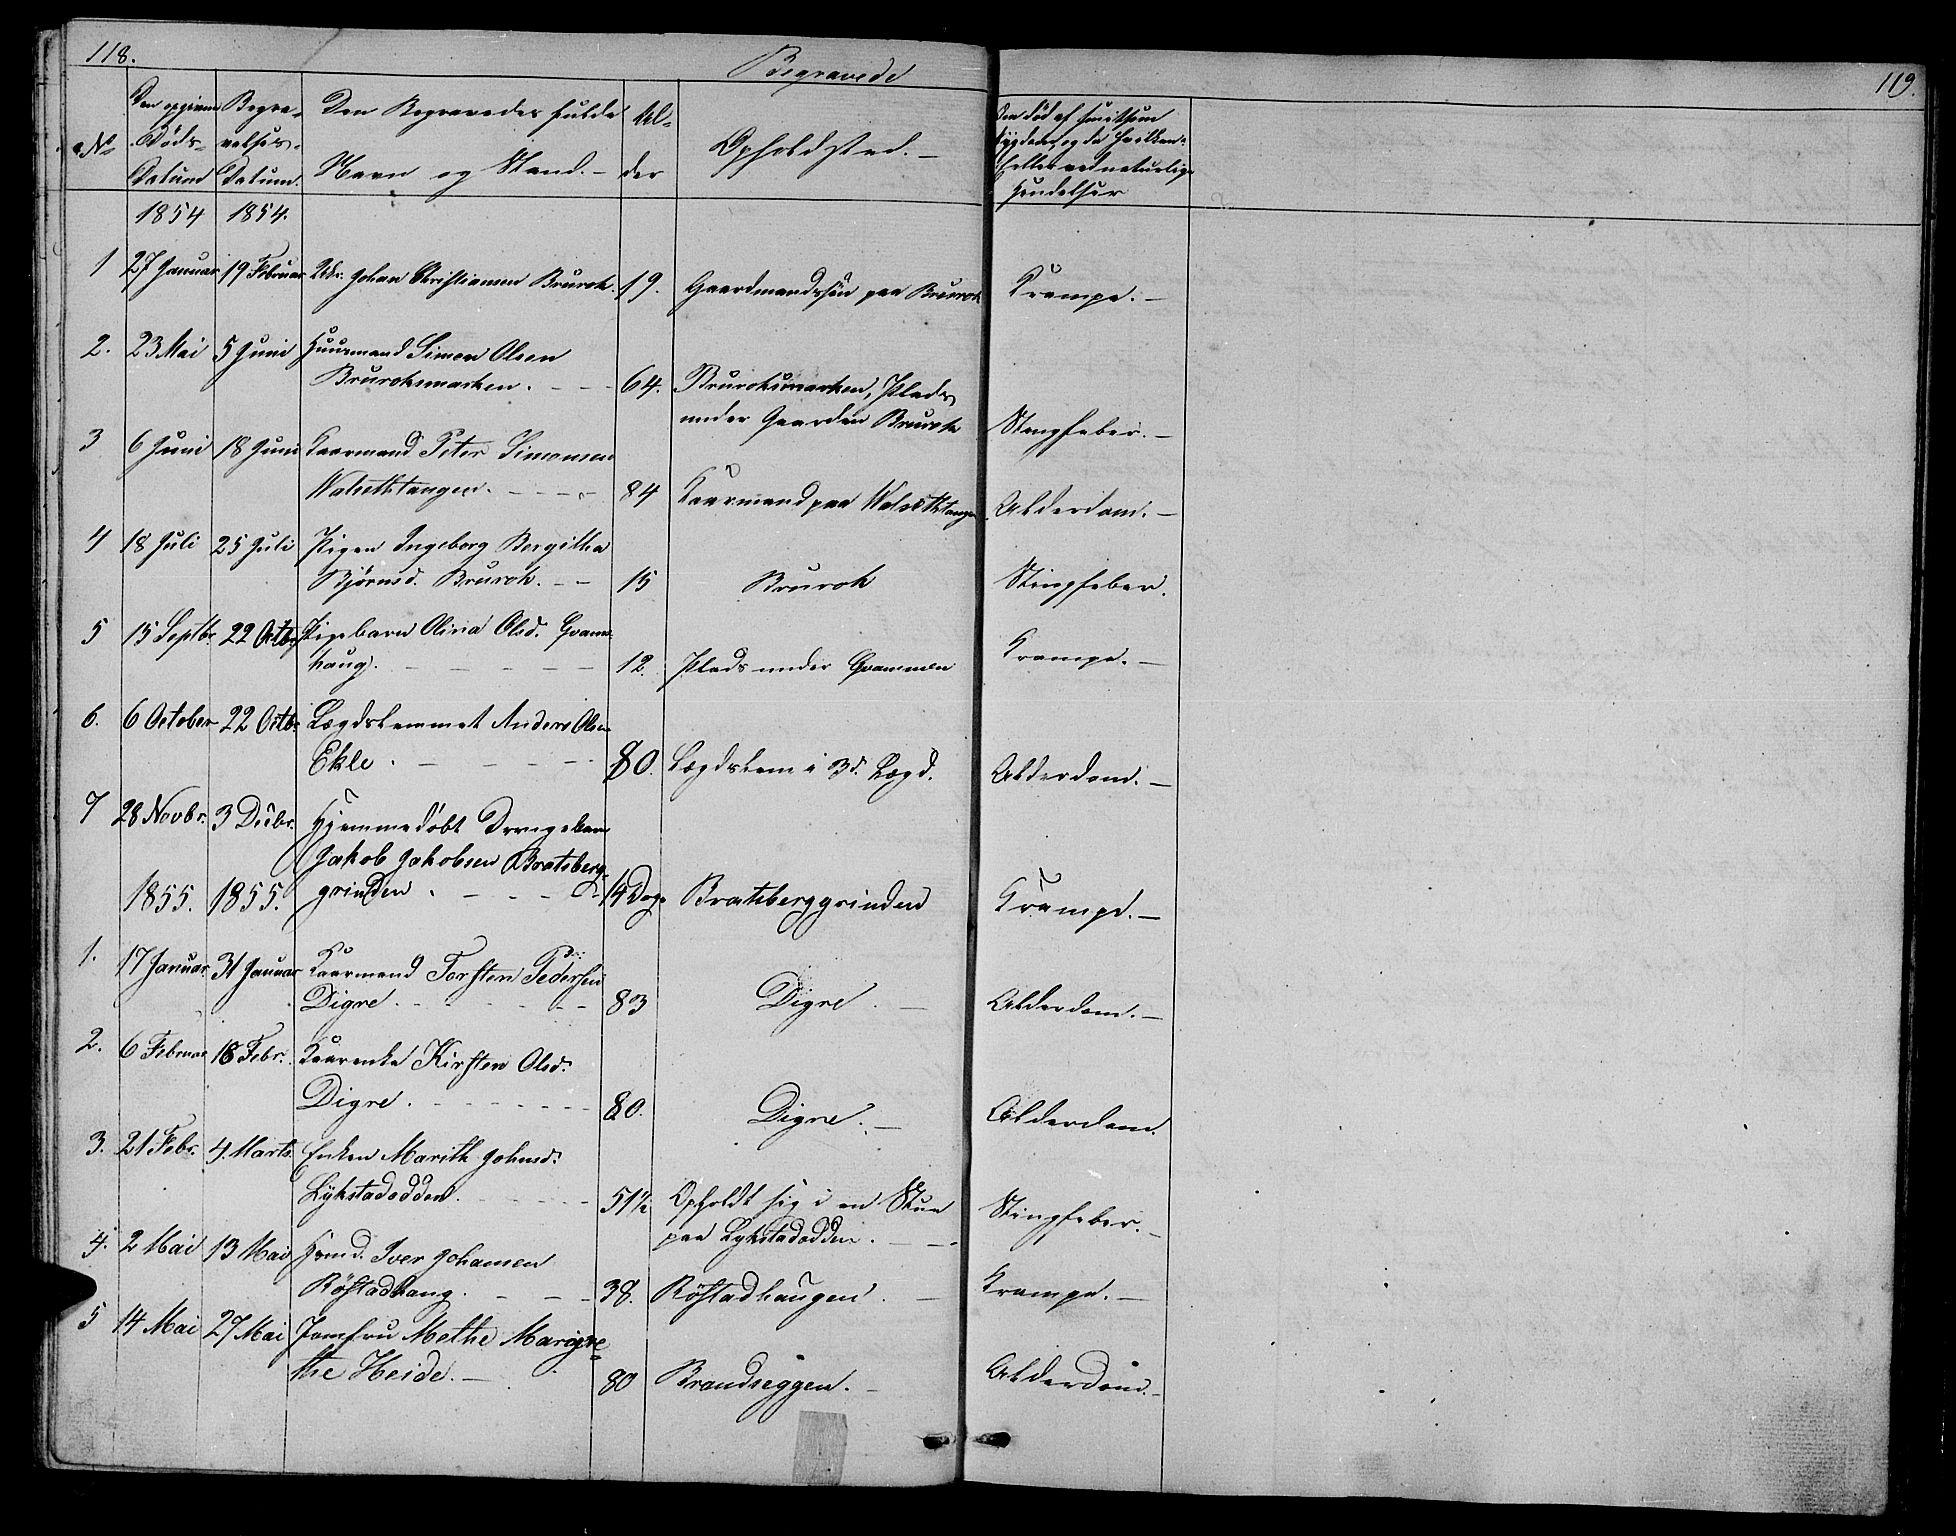 SAT, Ministerialprotokoller, klokkerbøker og fødselsregistre - Sør-Trøndelag, 608/L0339: Klokkerbok nr. 608C05, 1844-1863, s. 118-119